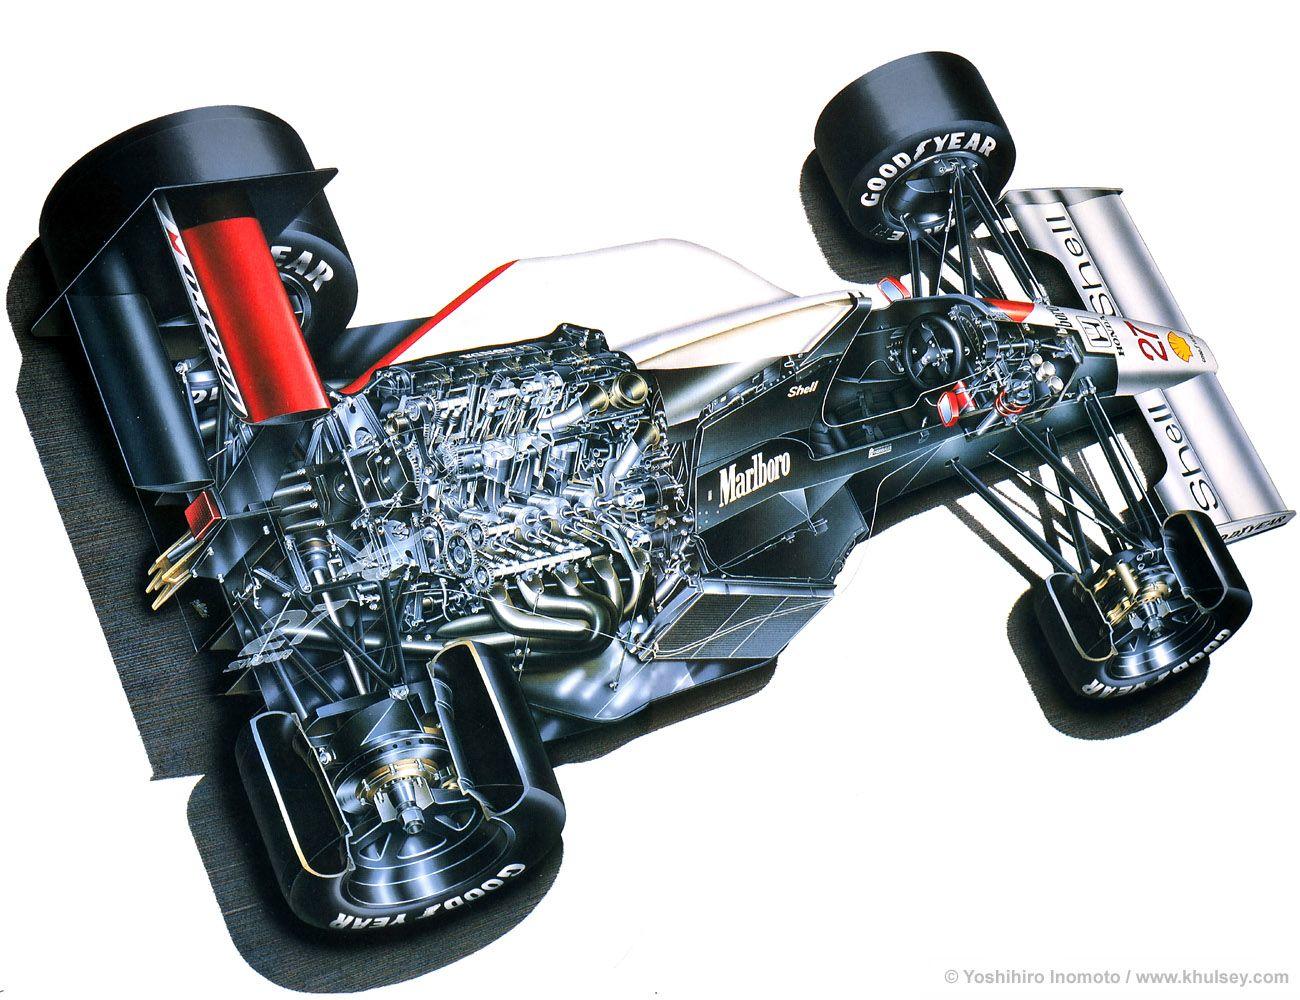 F1 Car Cutaway View Honda v, Mclaren f1, Formula 1 car